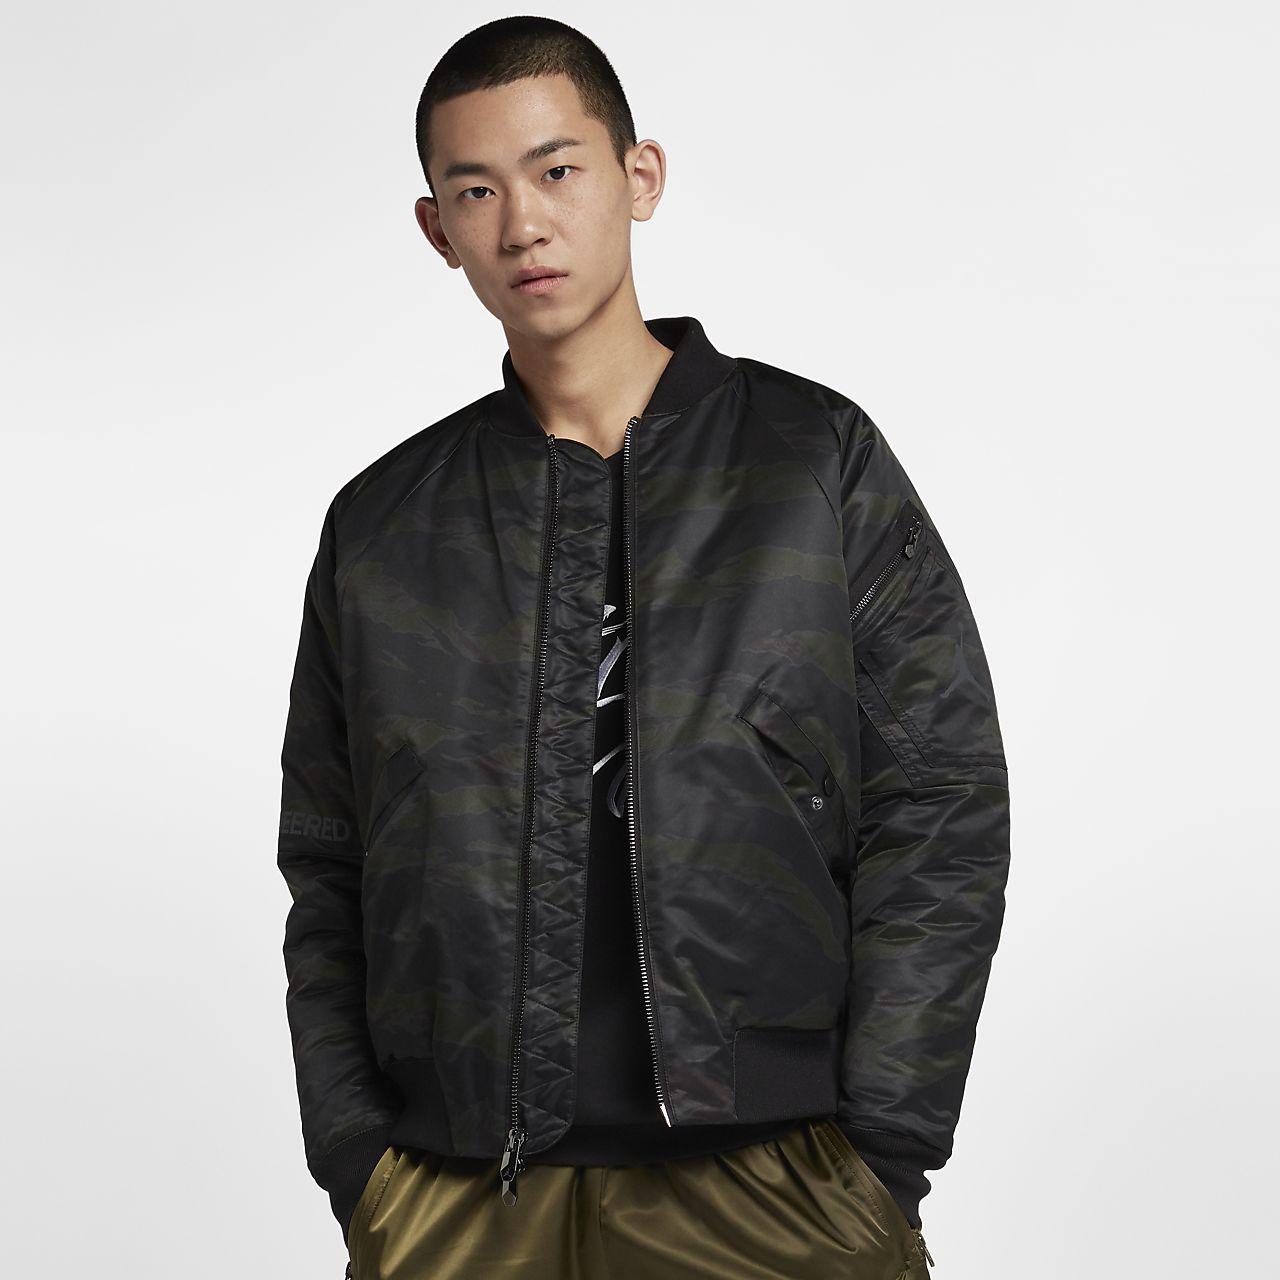 Jordan Sportswear J-1 OW 男子夹克